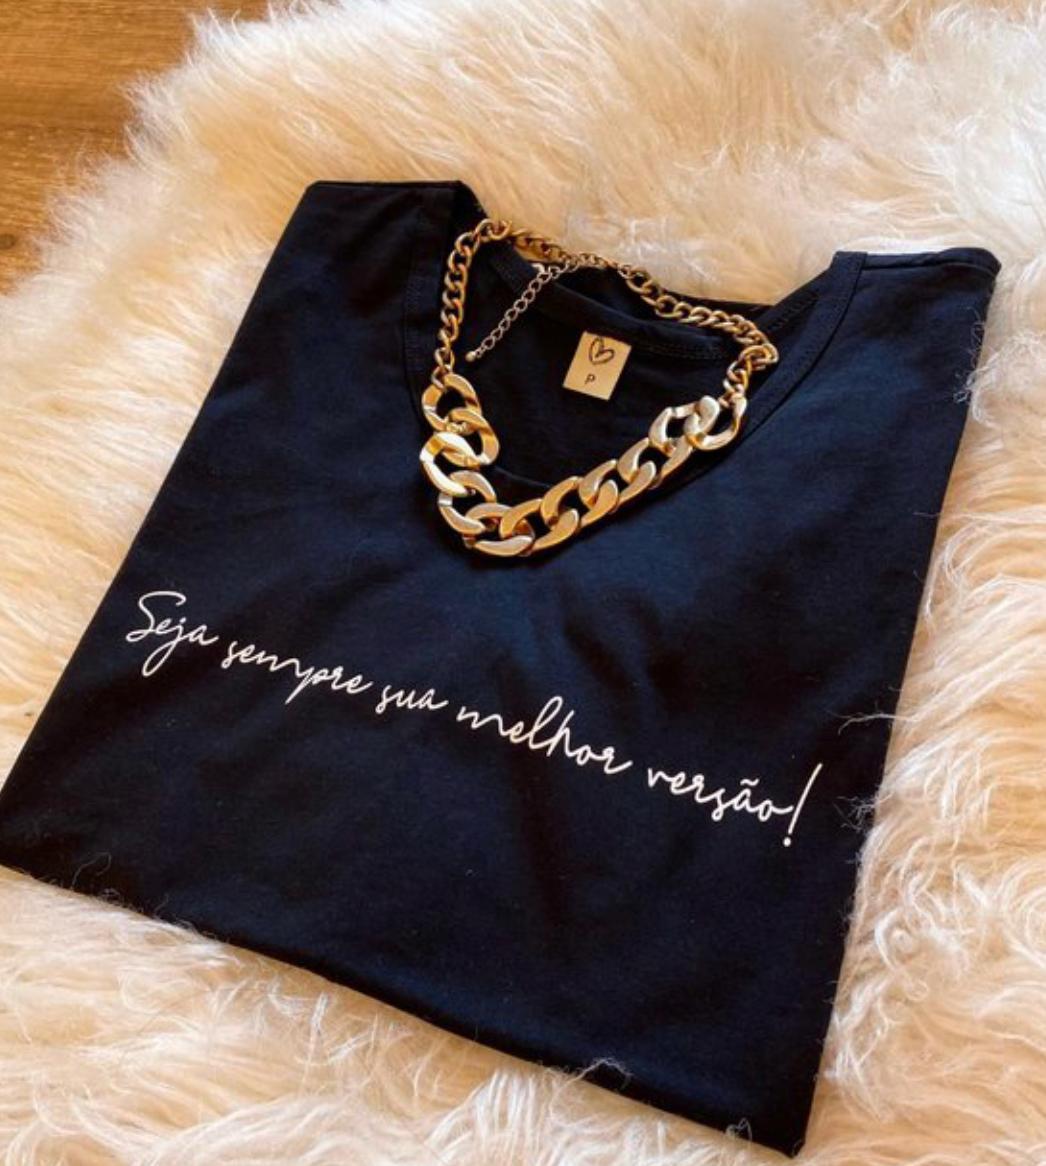 T-shirt  seja sempre sua melhor versão!!